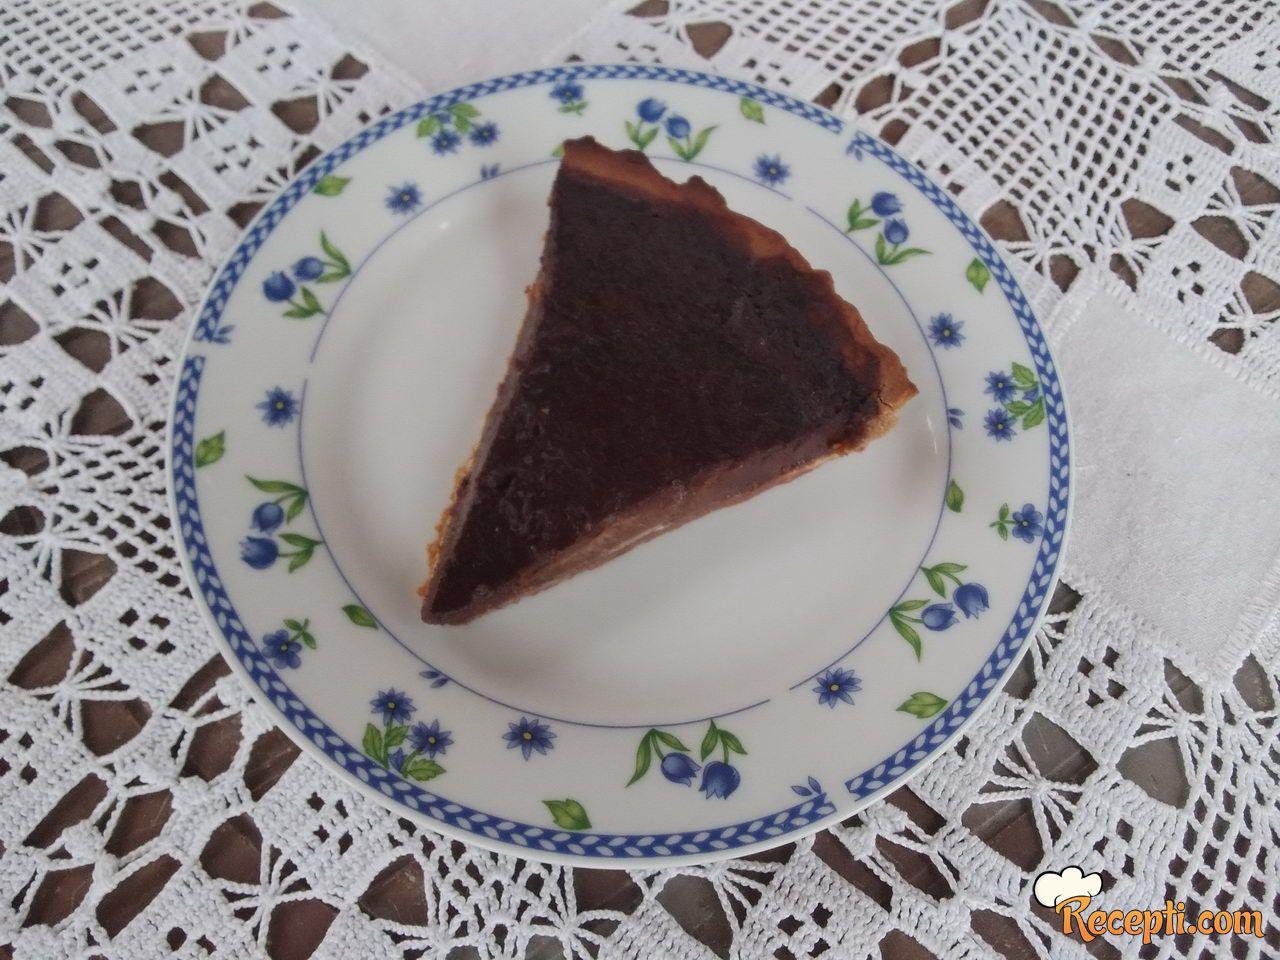 Čokoladni tart (4)